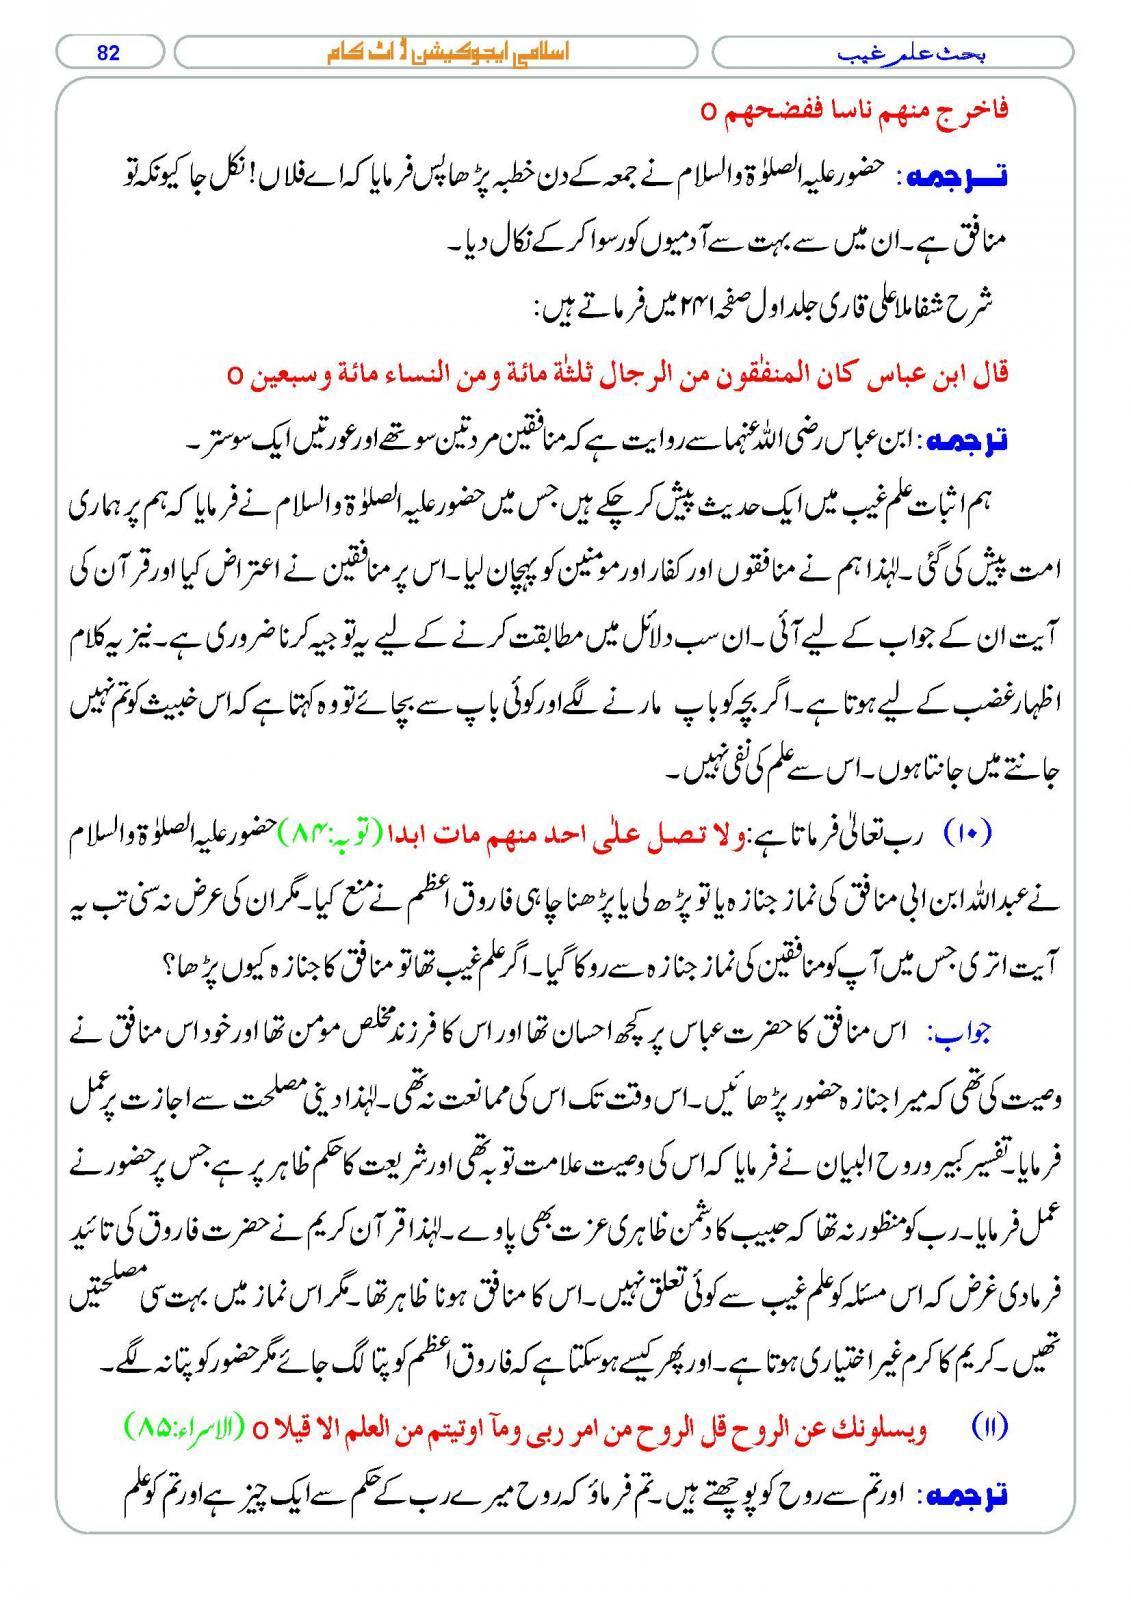 ja-alhaq-chap-02-ilm-e-ghaib_Page_082.jpg